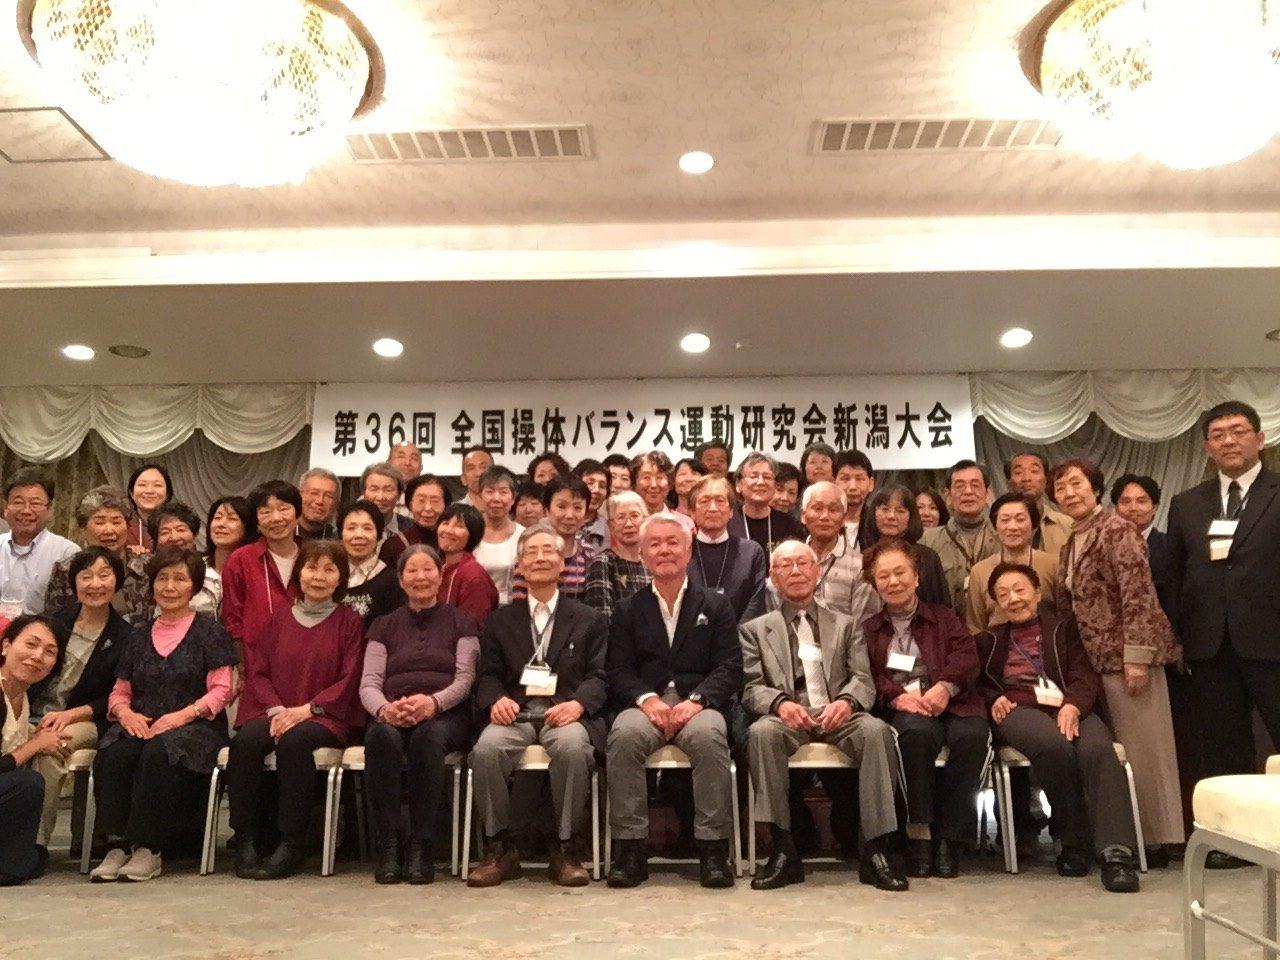 第36回研究会新潟大会ご参加ありがとうございました。